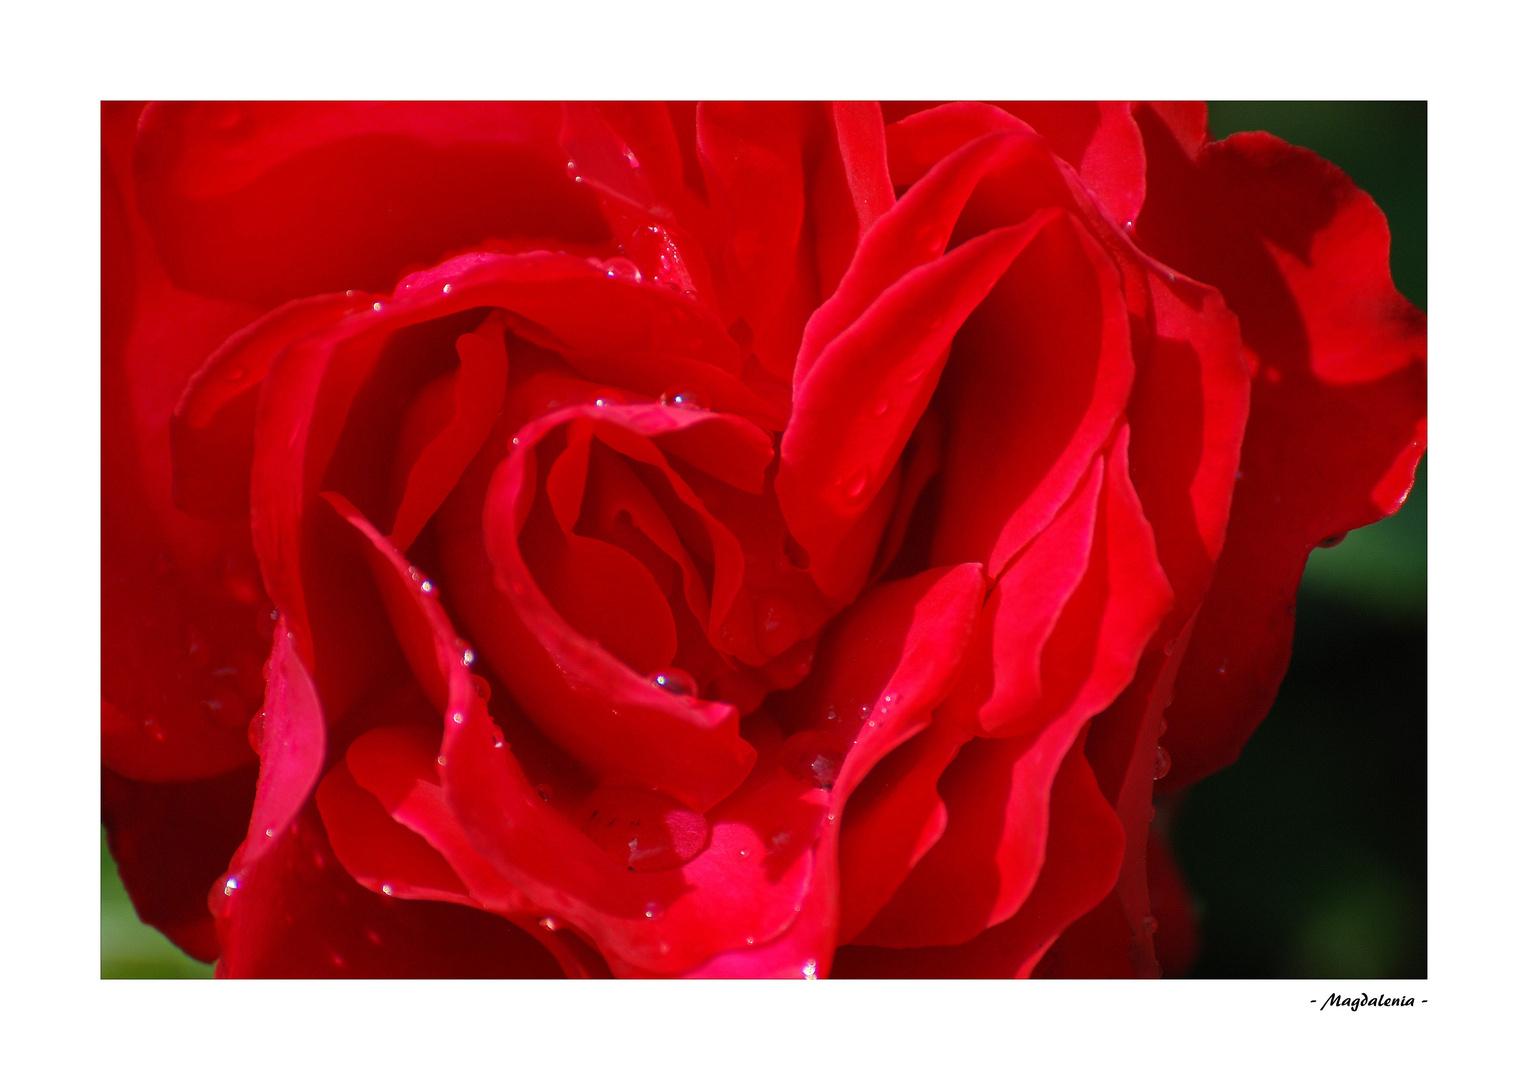 La rose et les perles